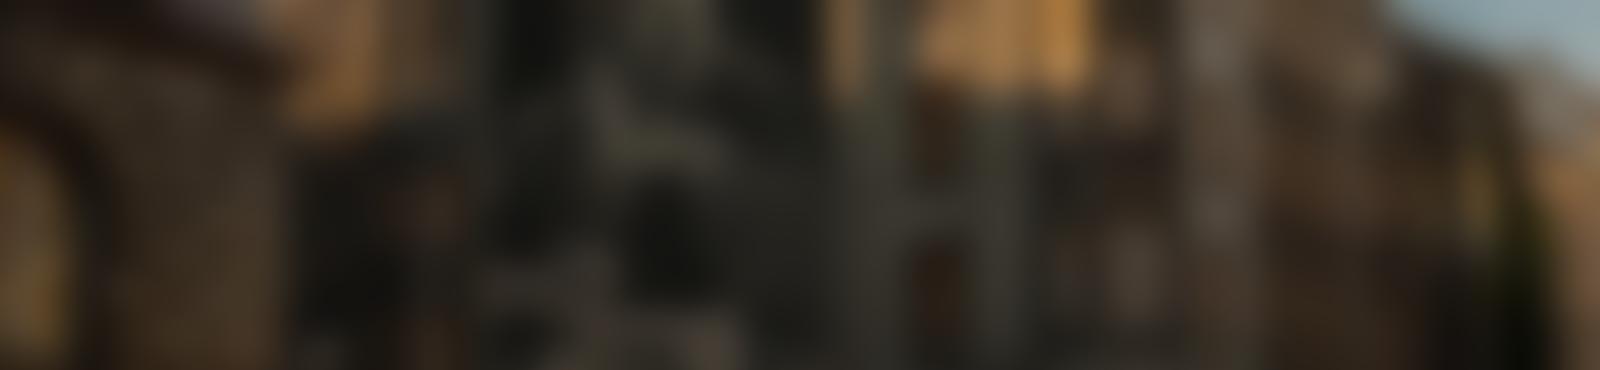 Blurred 5eeb8863 5ba2 4f70 afc3 8c2f3b0f7795